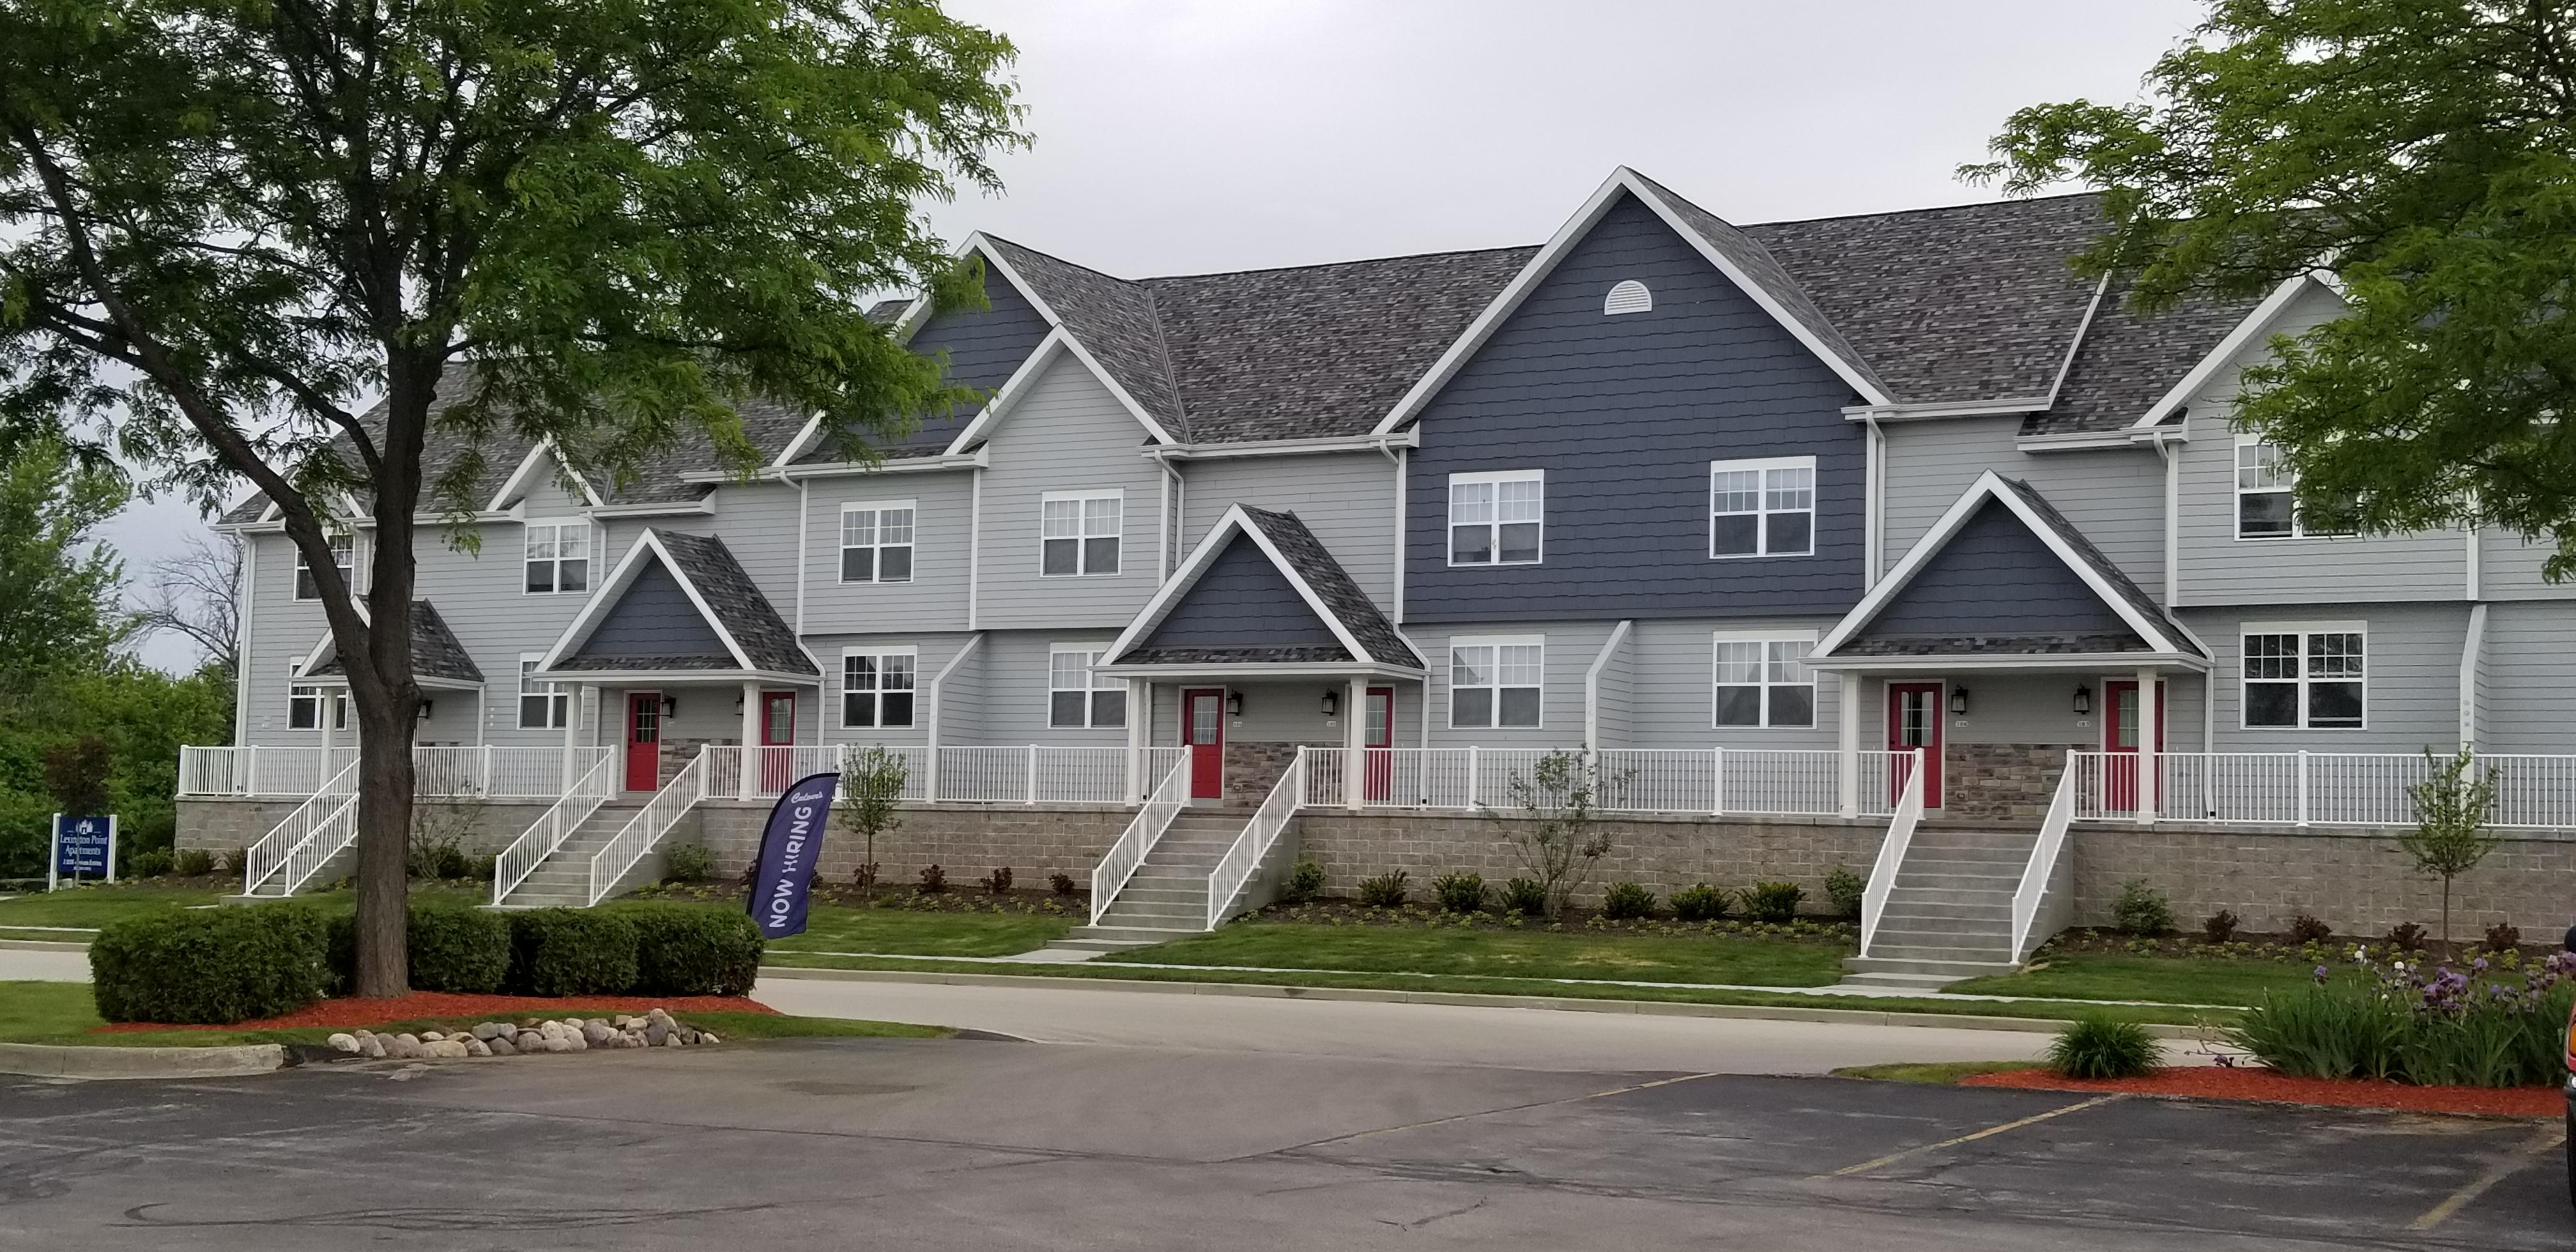 Lexington Point Apartments image 2